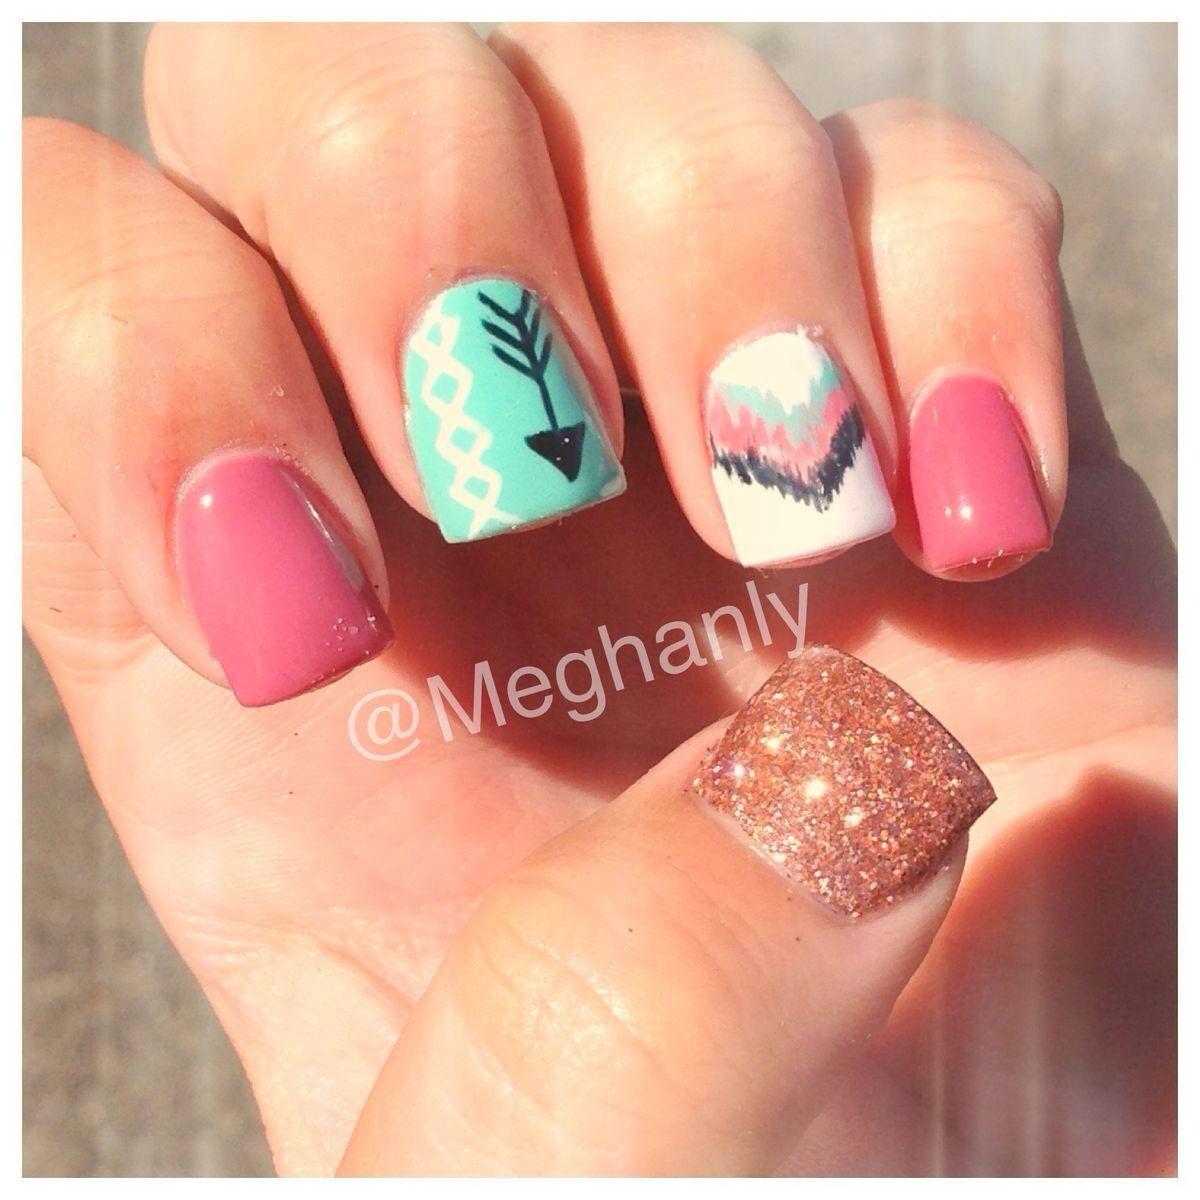 Cute nails nail art ideas nail design summer nails - Cute Nails Nail Art Ideas Nail Design Summer Nails Nails